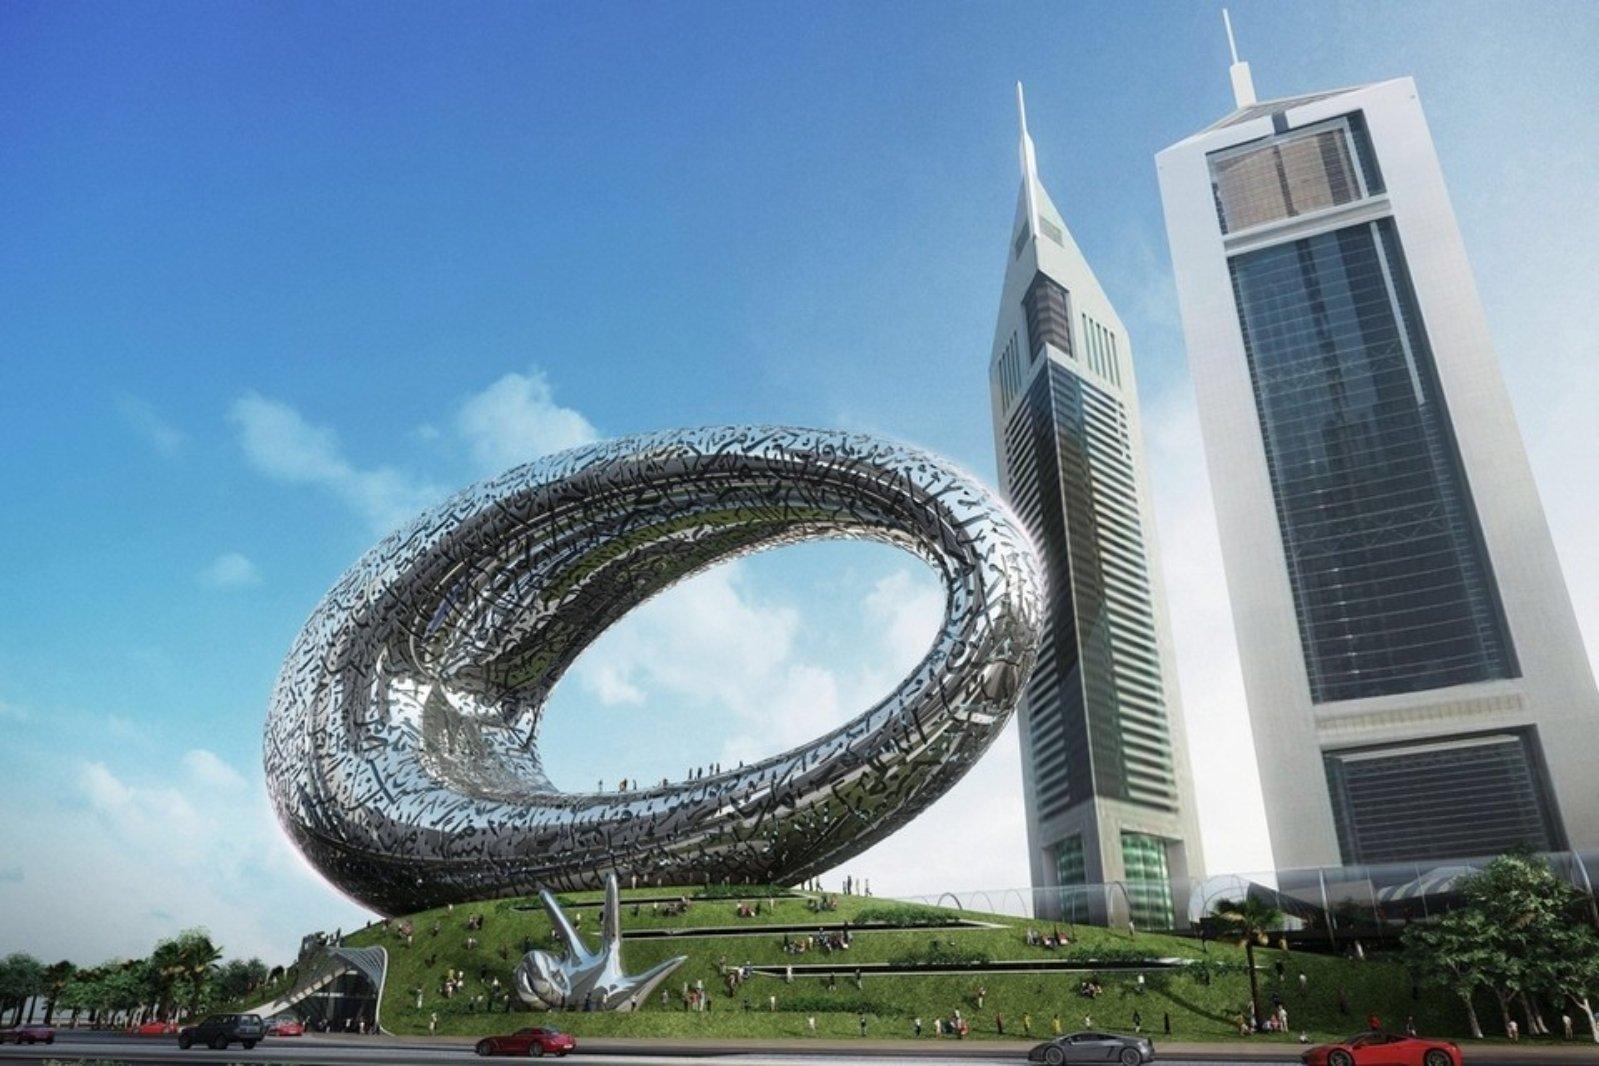 """دبي """"واحدة من أكثر المدن المتقدمة تكنولوجيًا على مستوى العالم"""""""